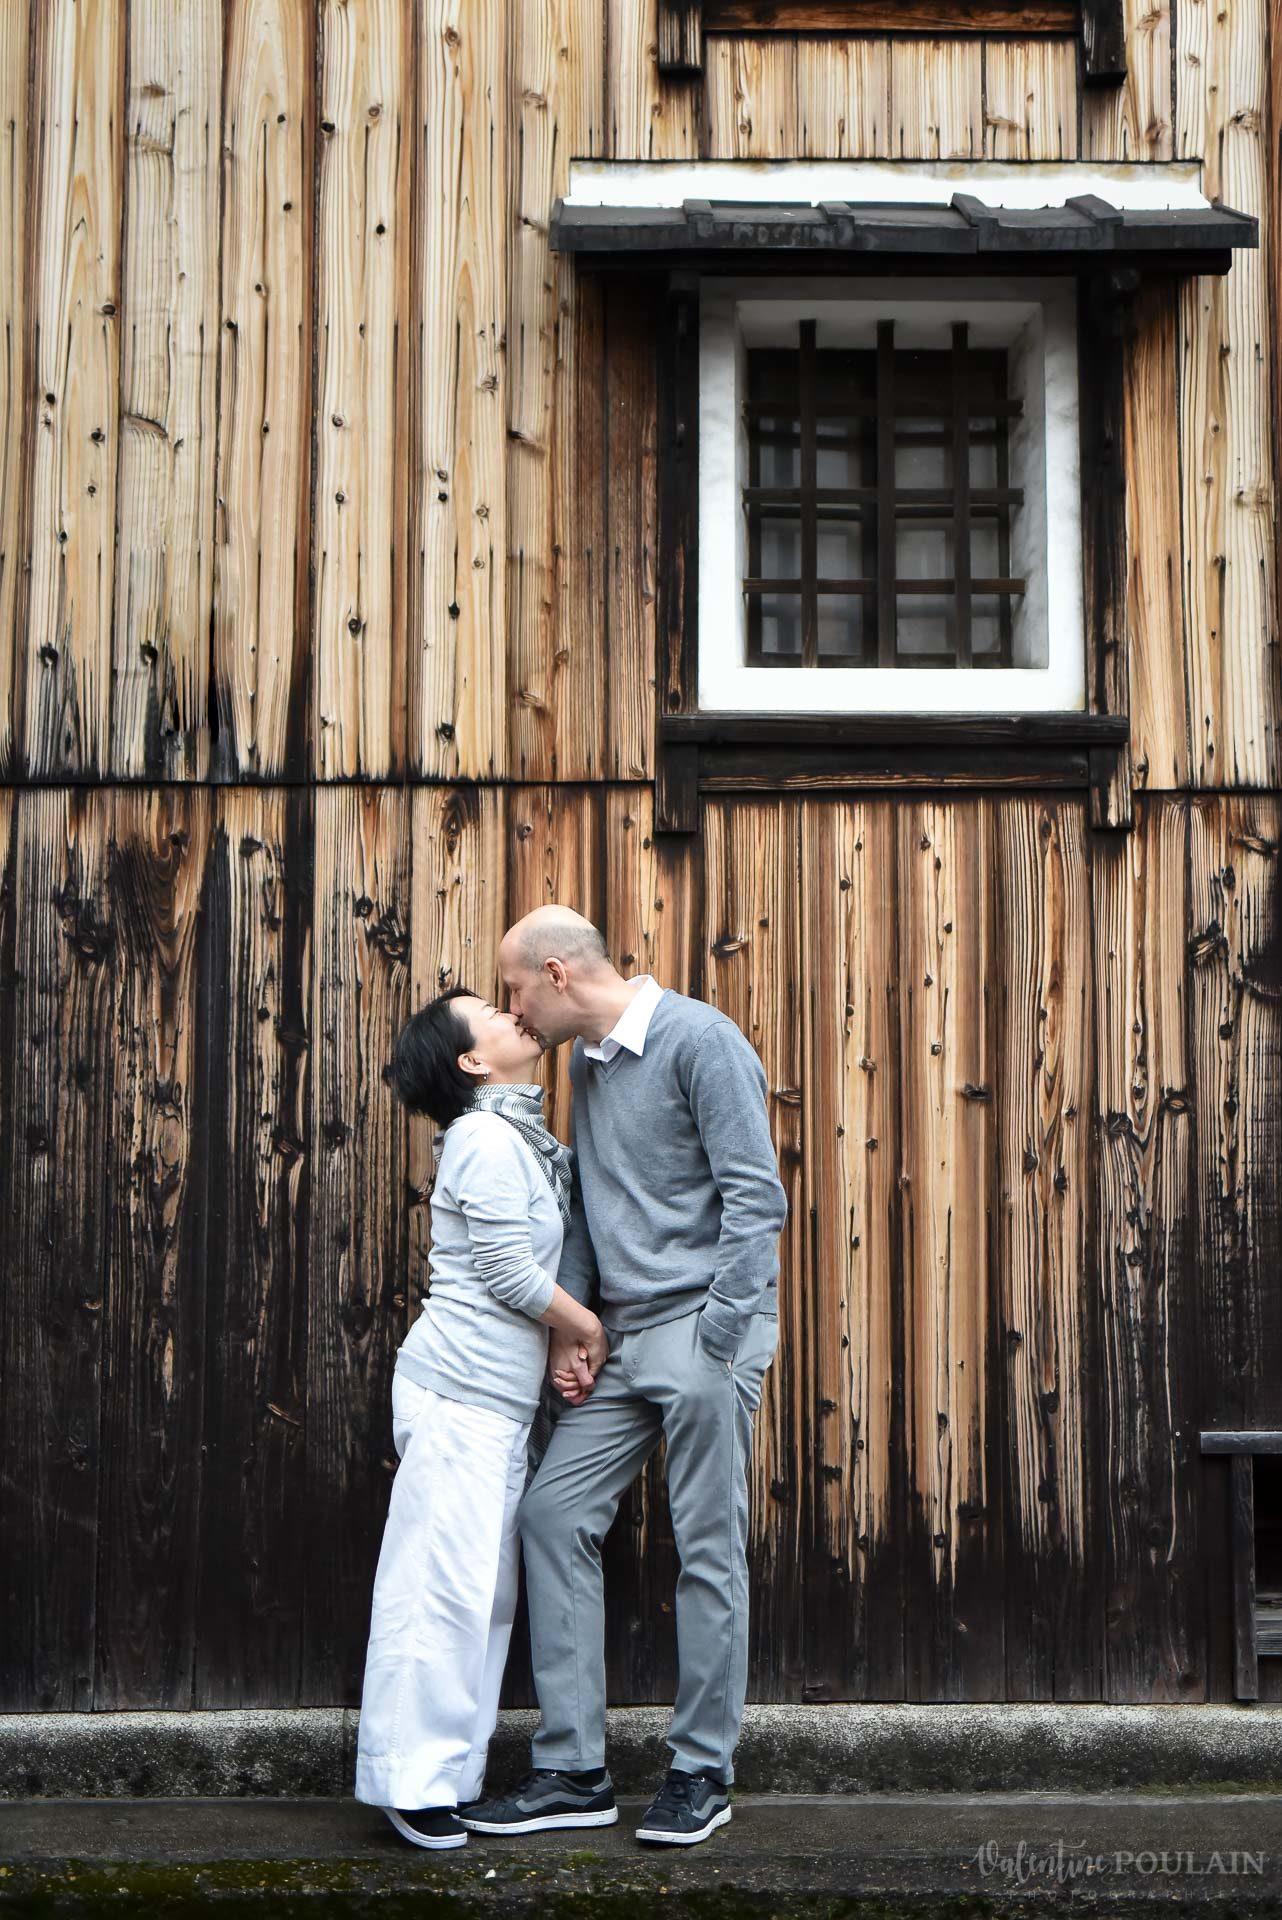 Amoureux usines saké _ Valentine Poulain